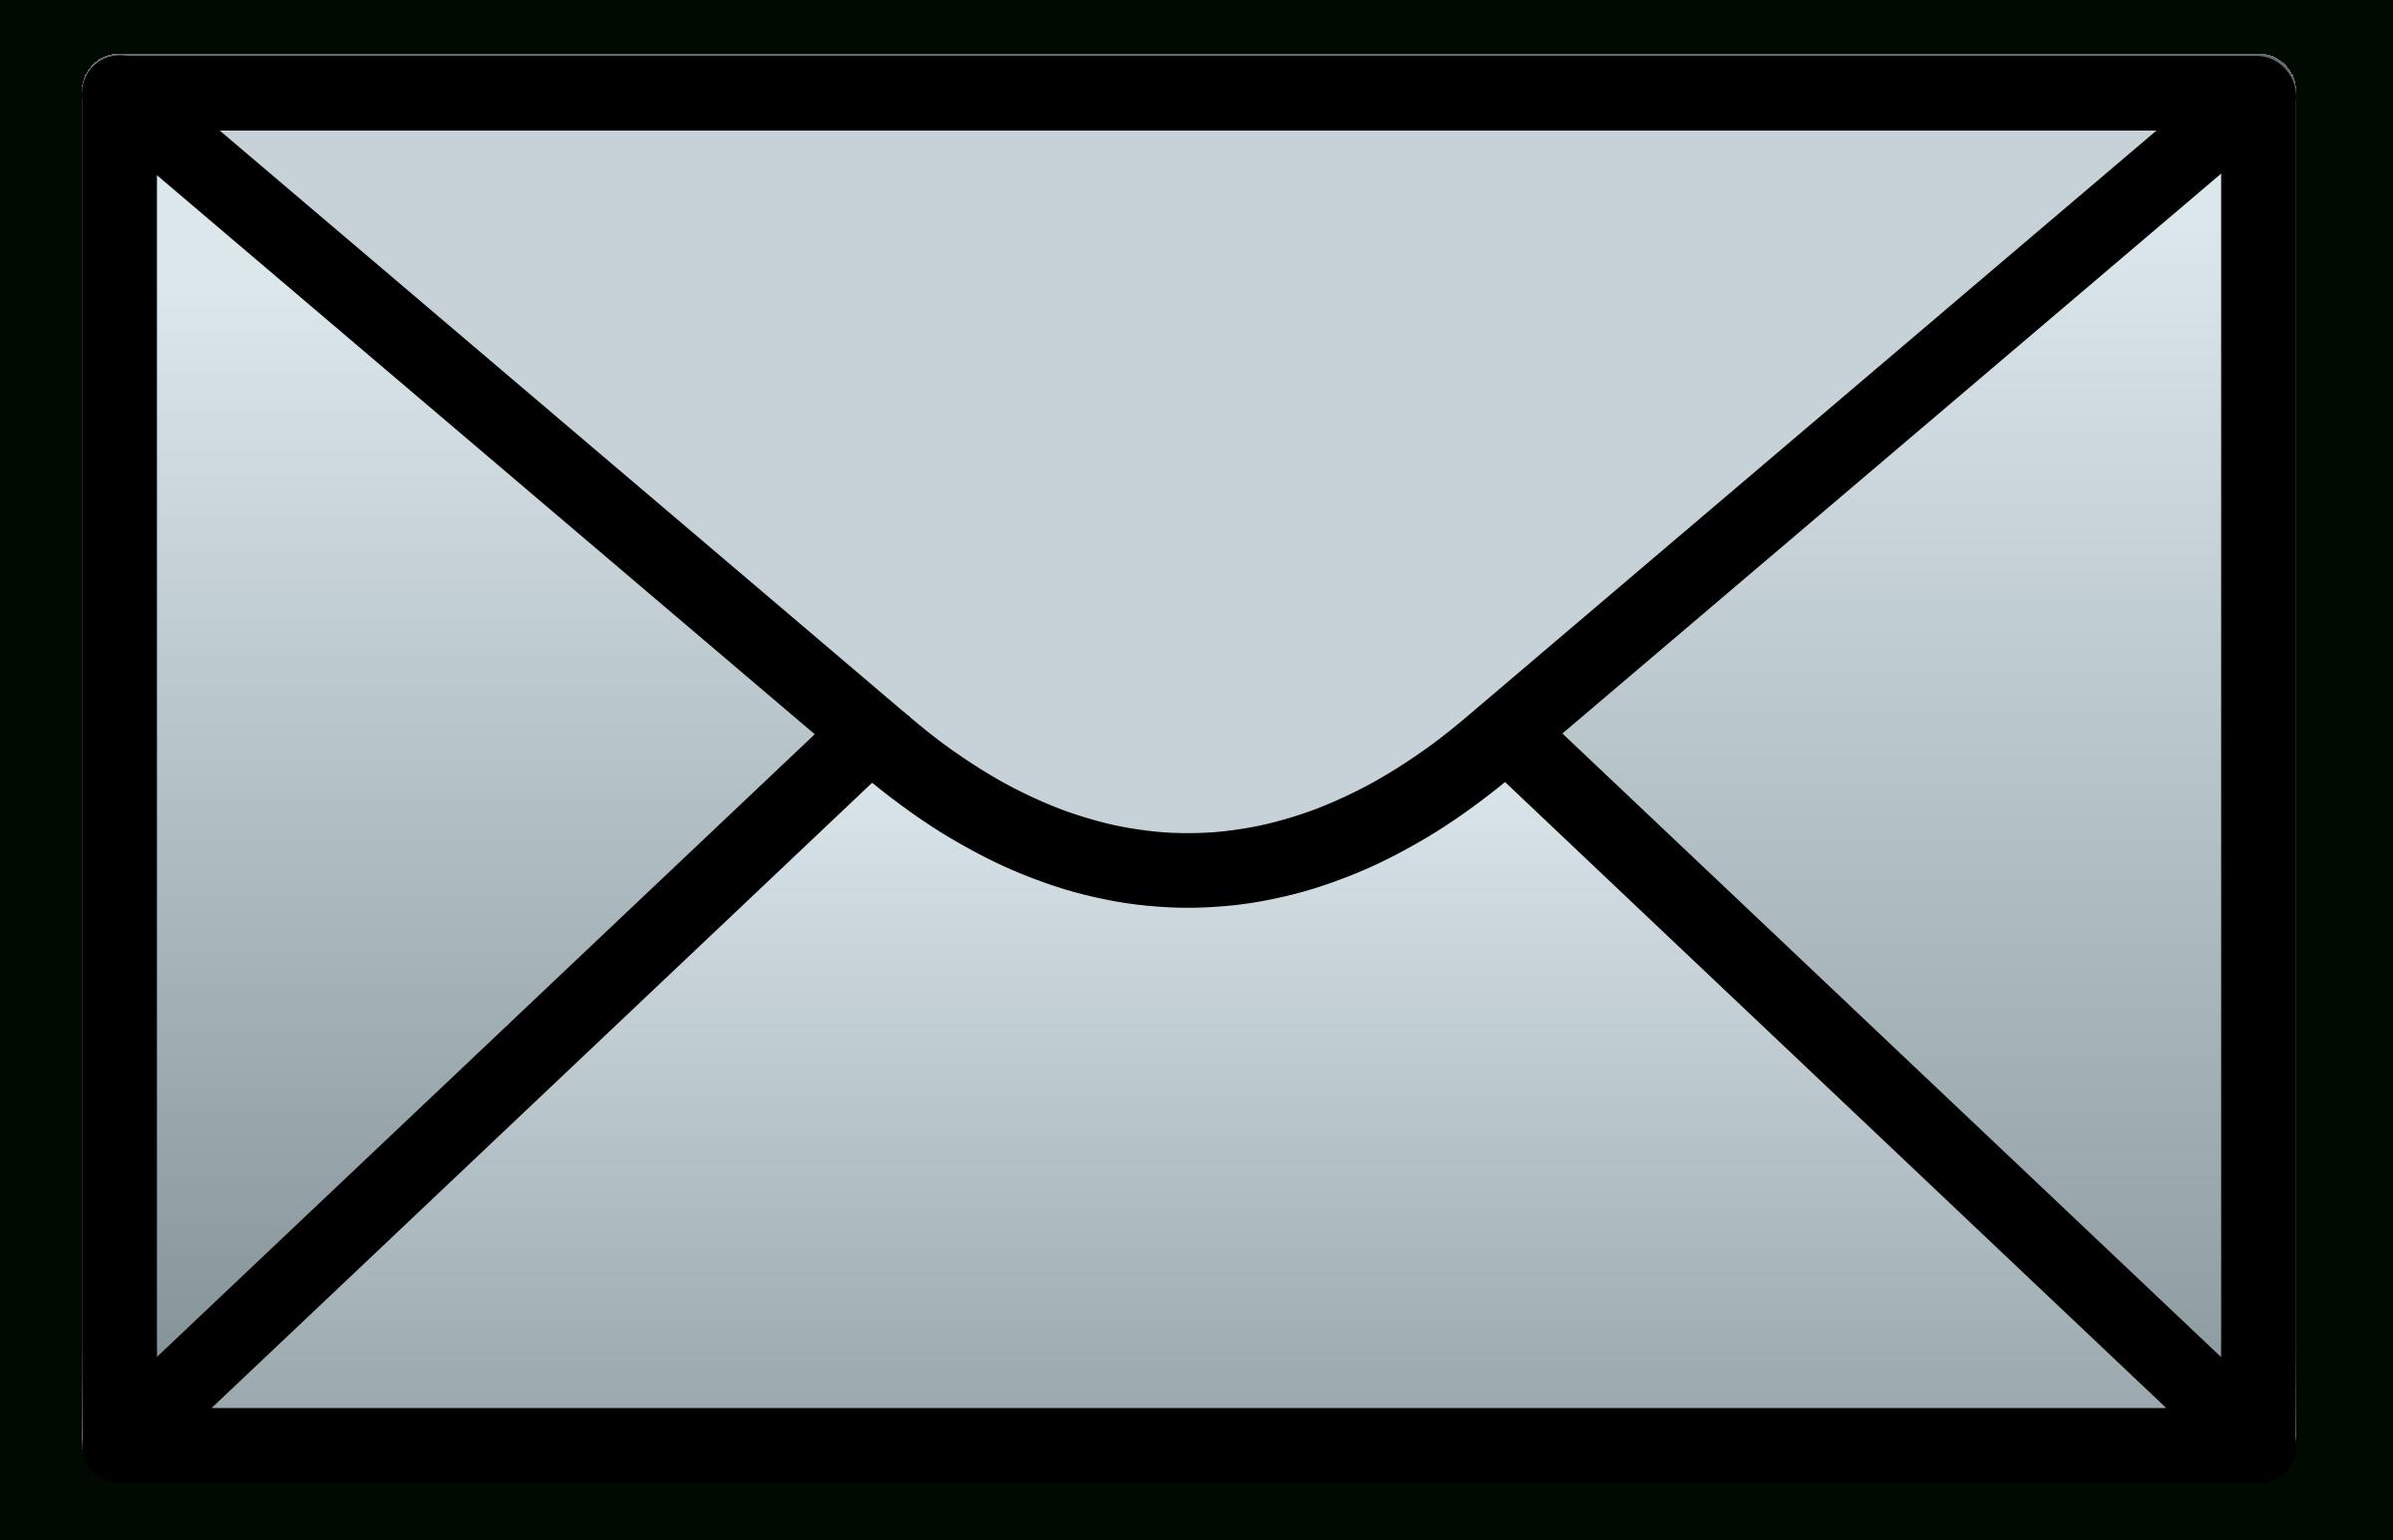 Envelope clipart addressed envelope. Mail clip art transprent